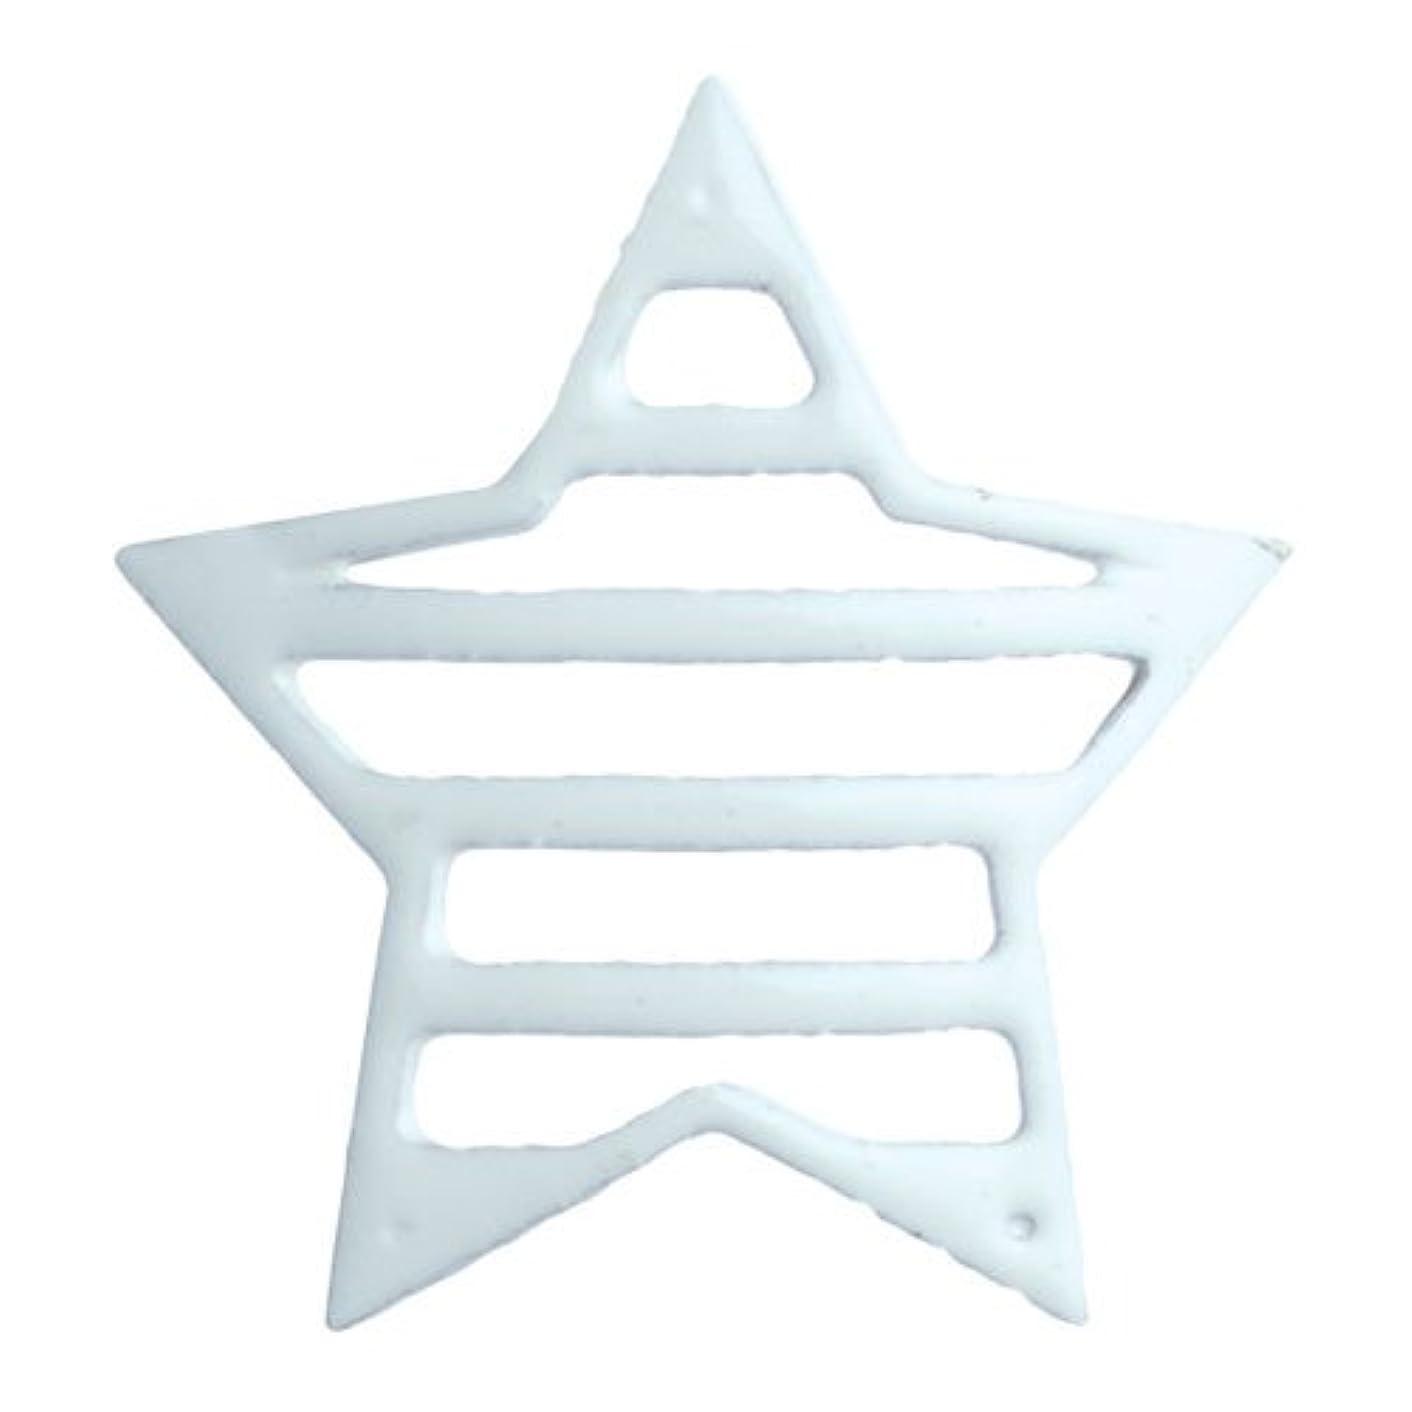 考古学者グループ私達リトルプリティー ネイルアートパーツ 星ボーダー L ホワイト 10個 白